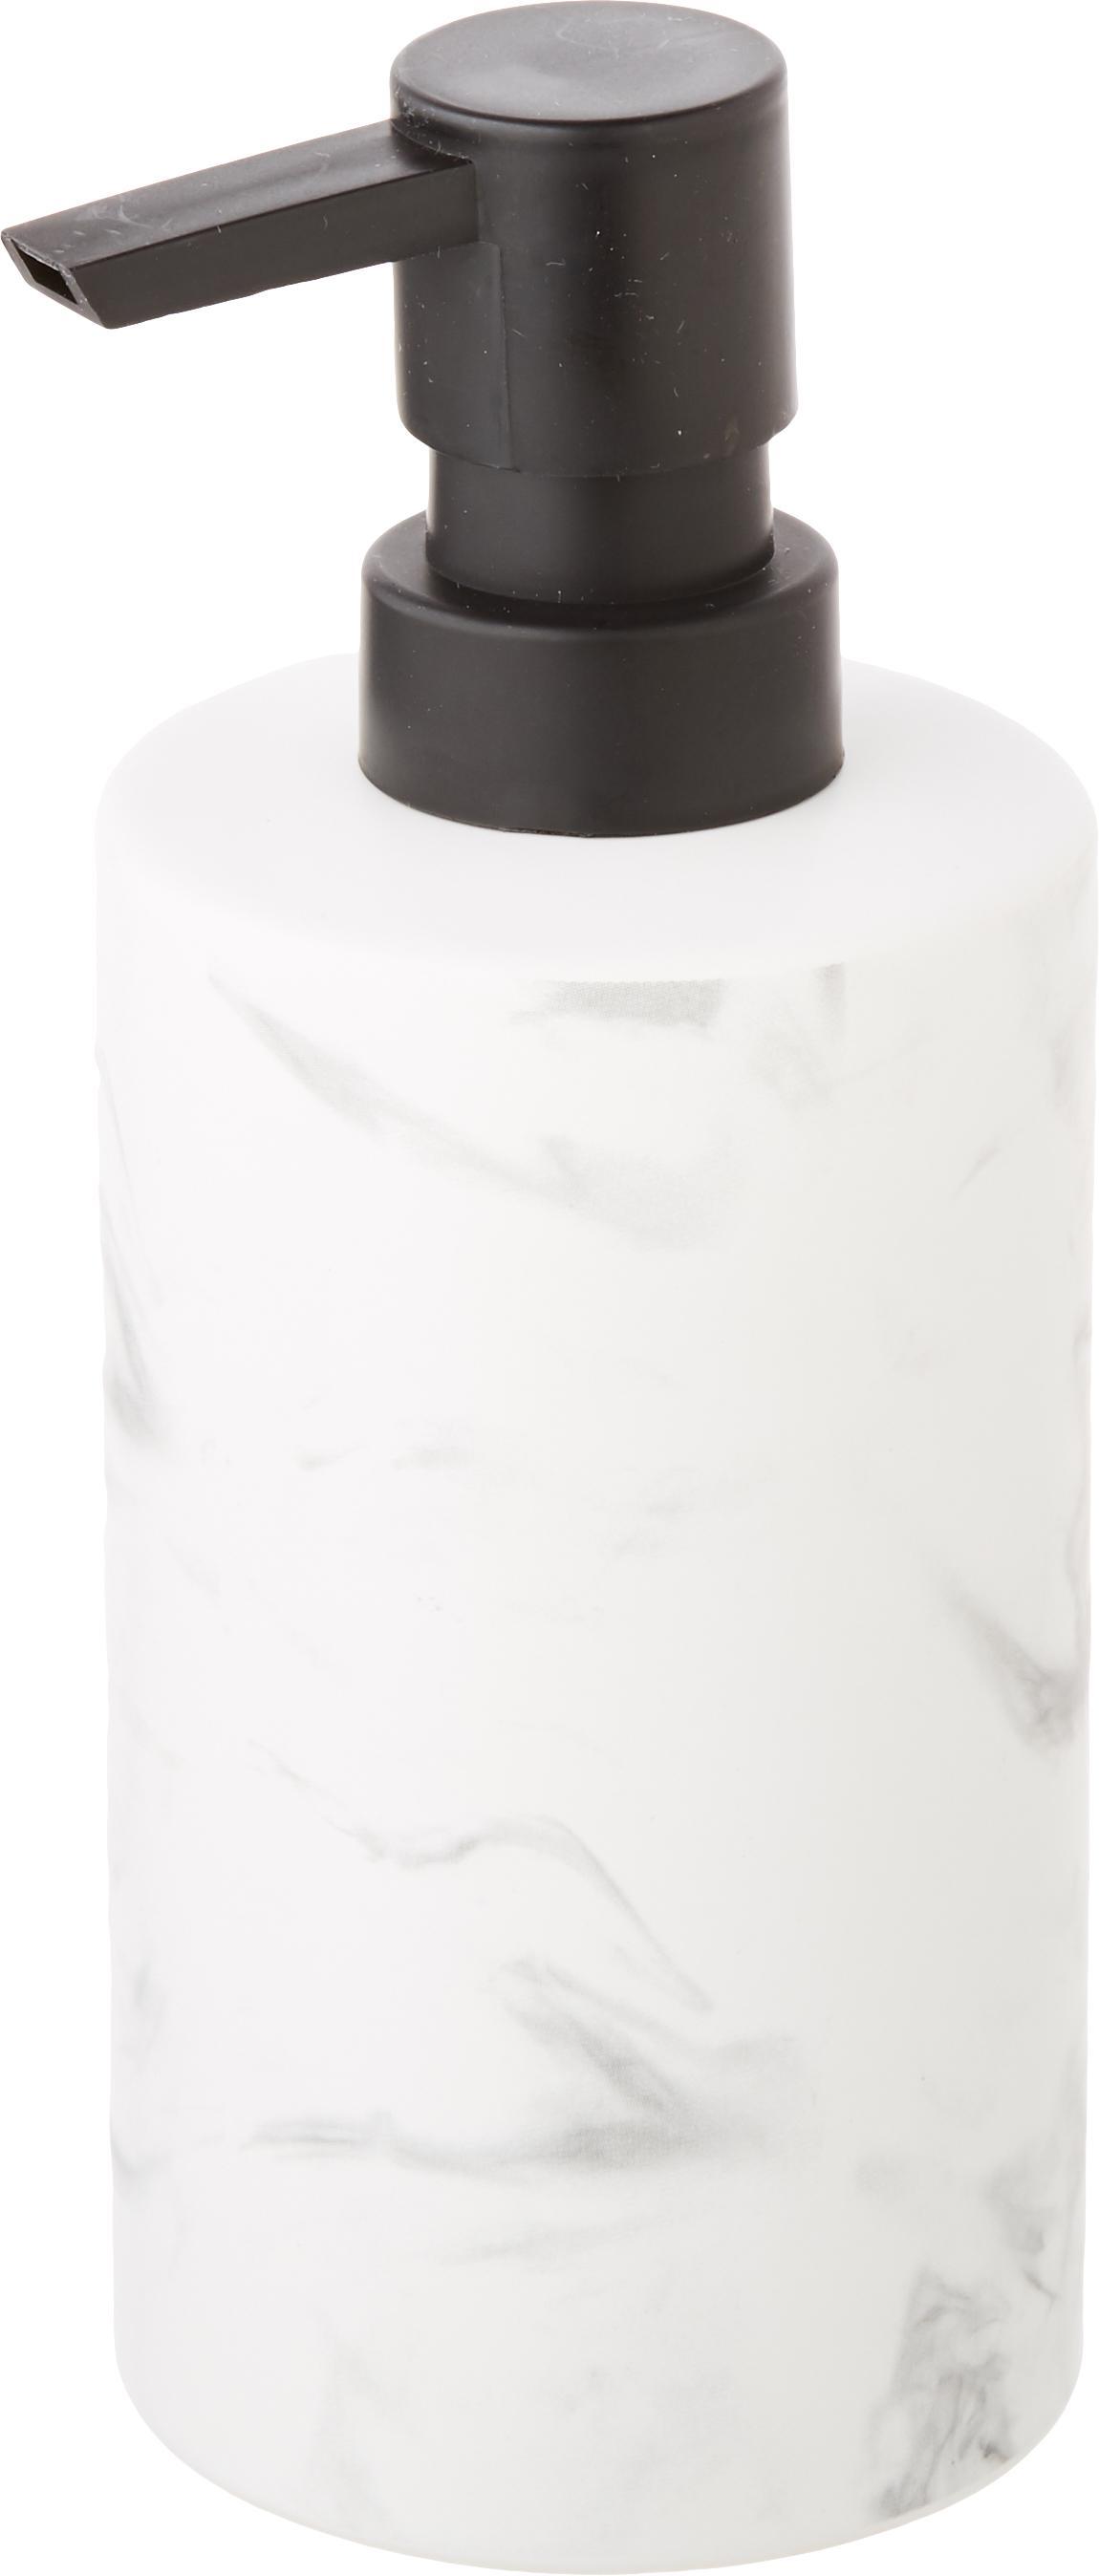 Keramik-Seifenspender Daro, Behälter: Keramik, Pumpkopf: Metall, beschichtet, Weiss, Schwarz, Ø 7 x H 18 cm